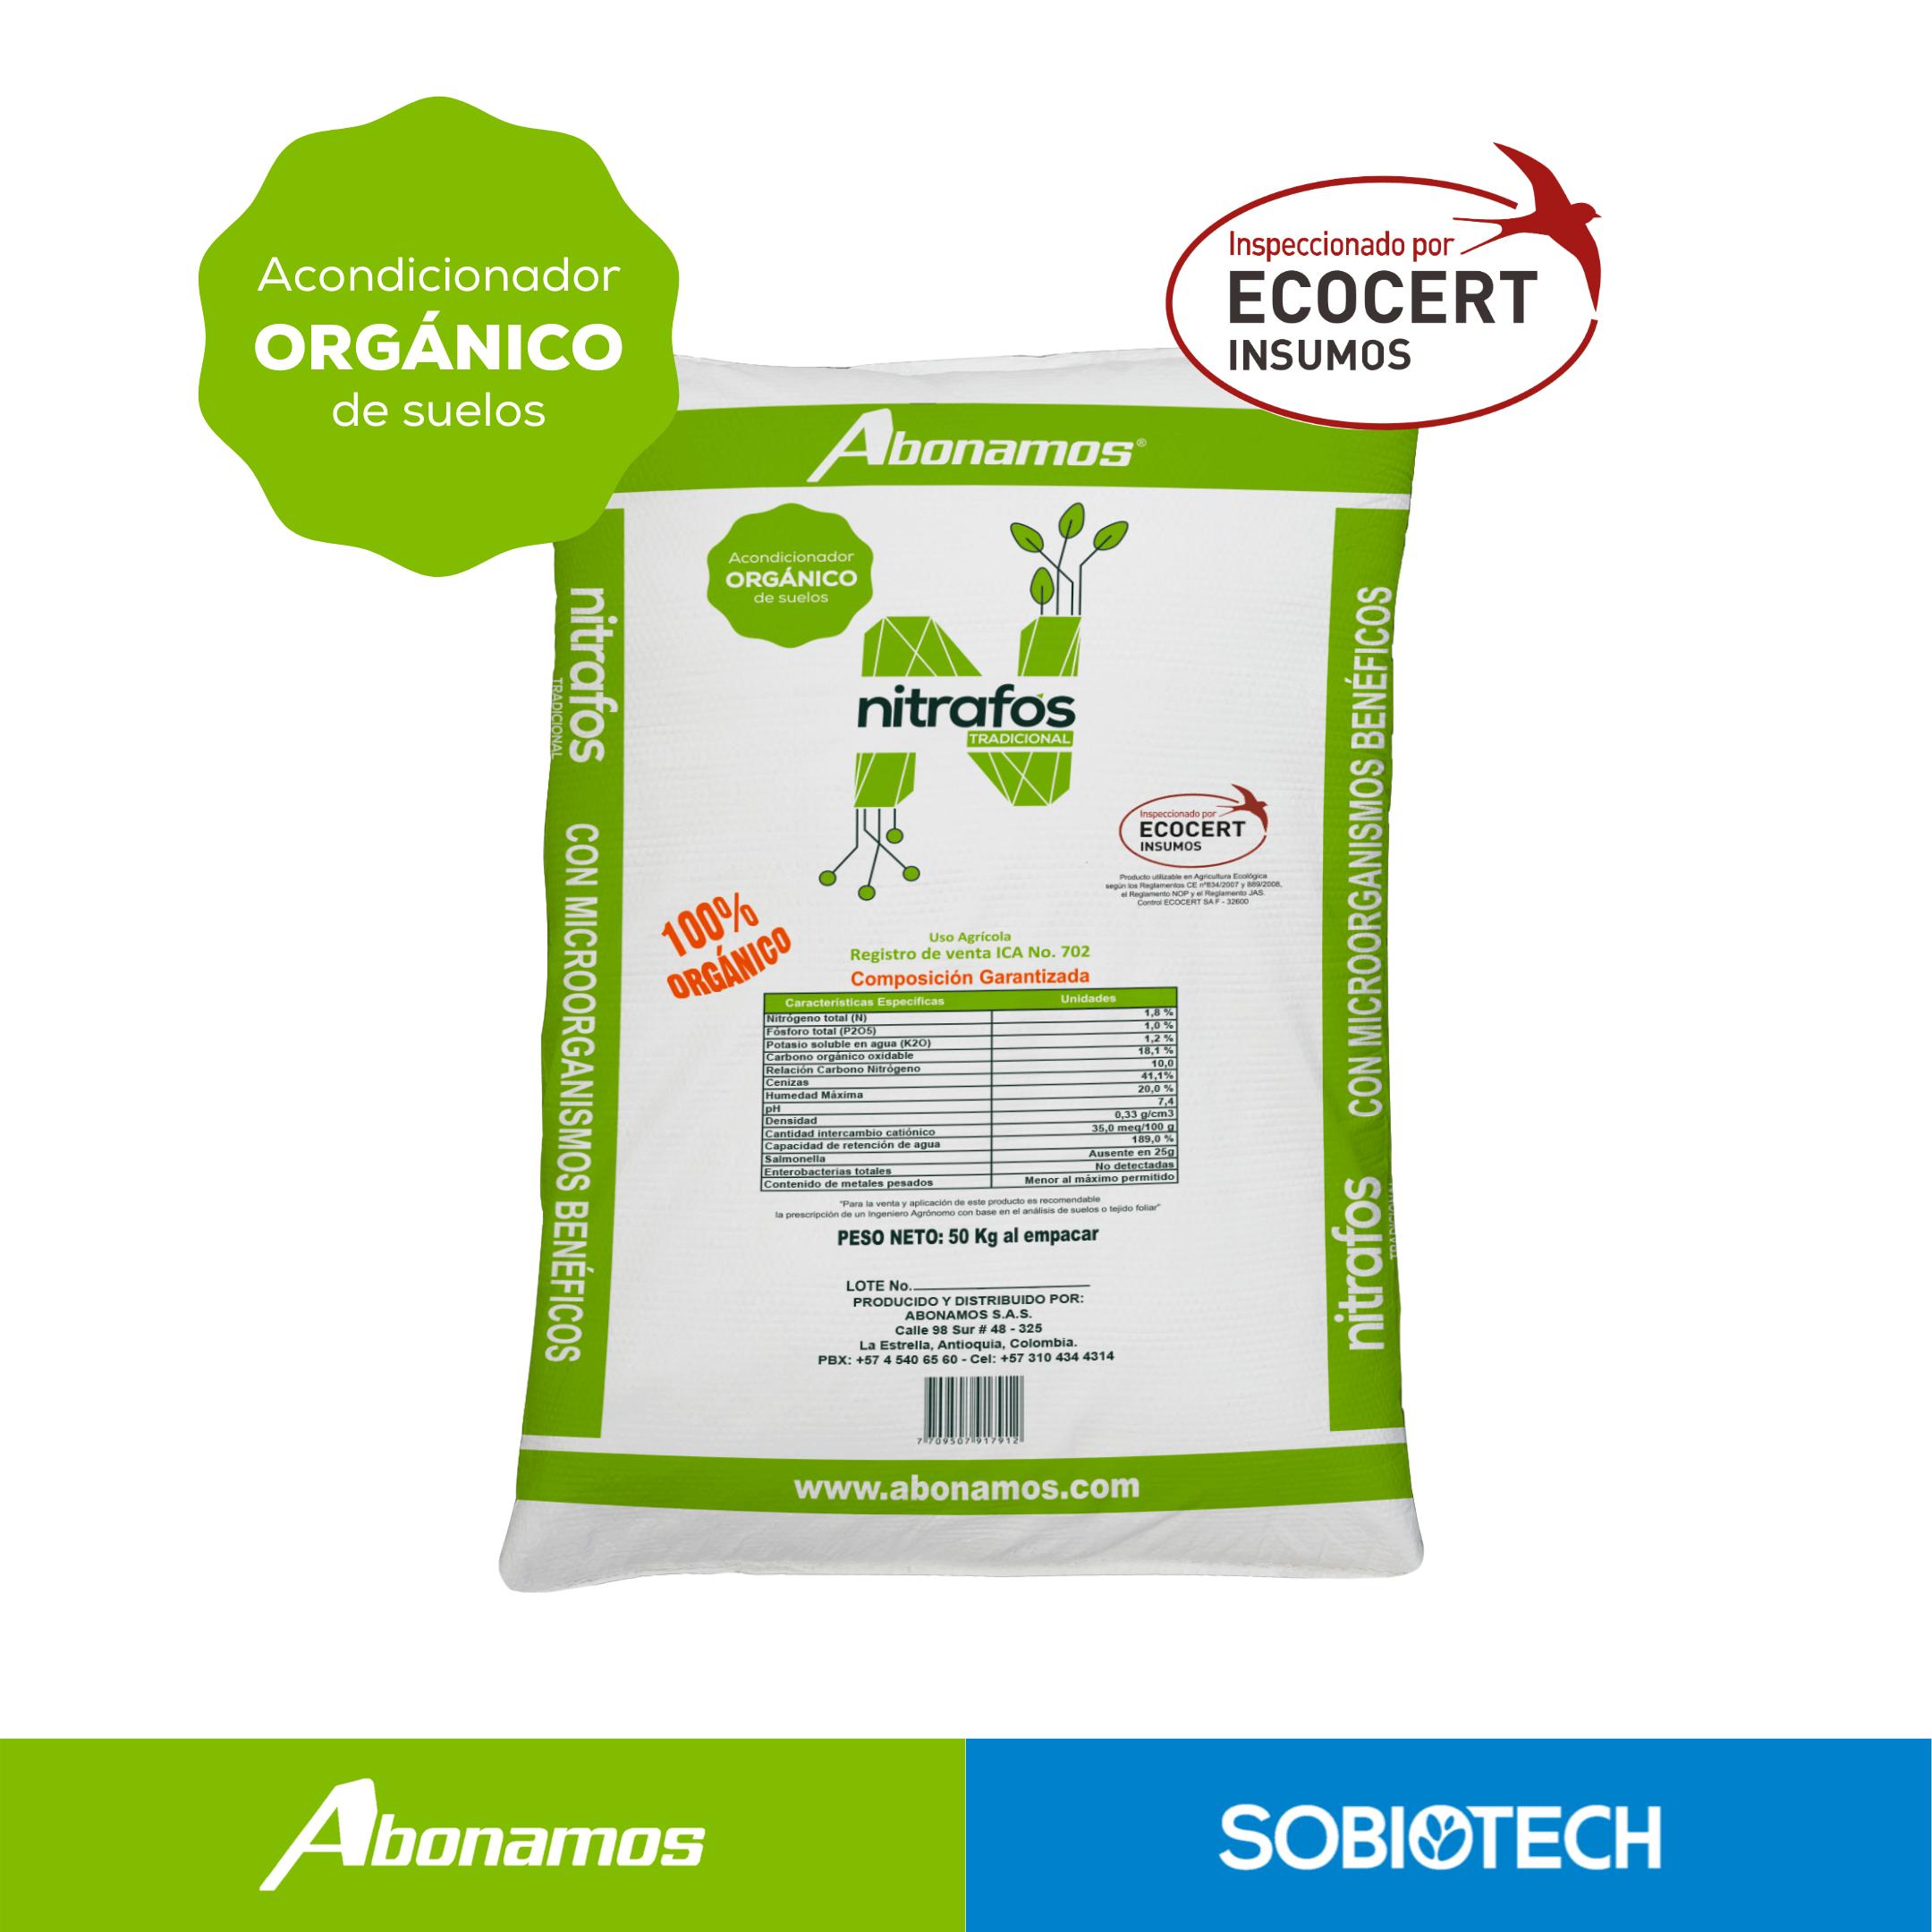 2-Abono-orgánico-acondicionador-de-suelos-Abonamos-Nitrafos.png